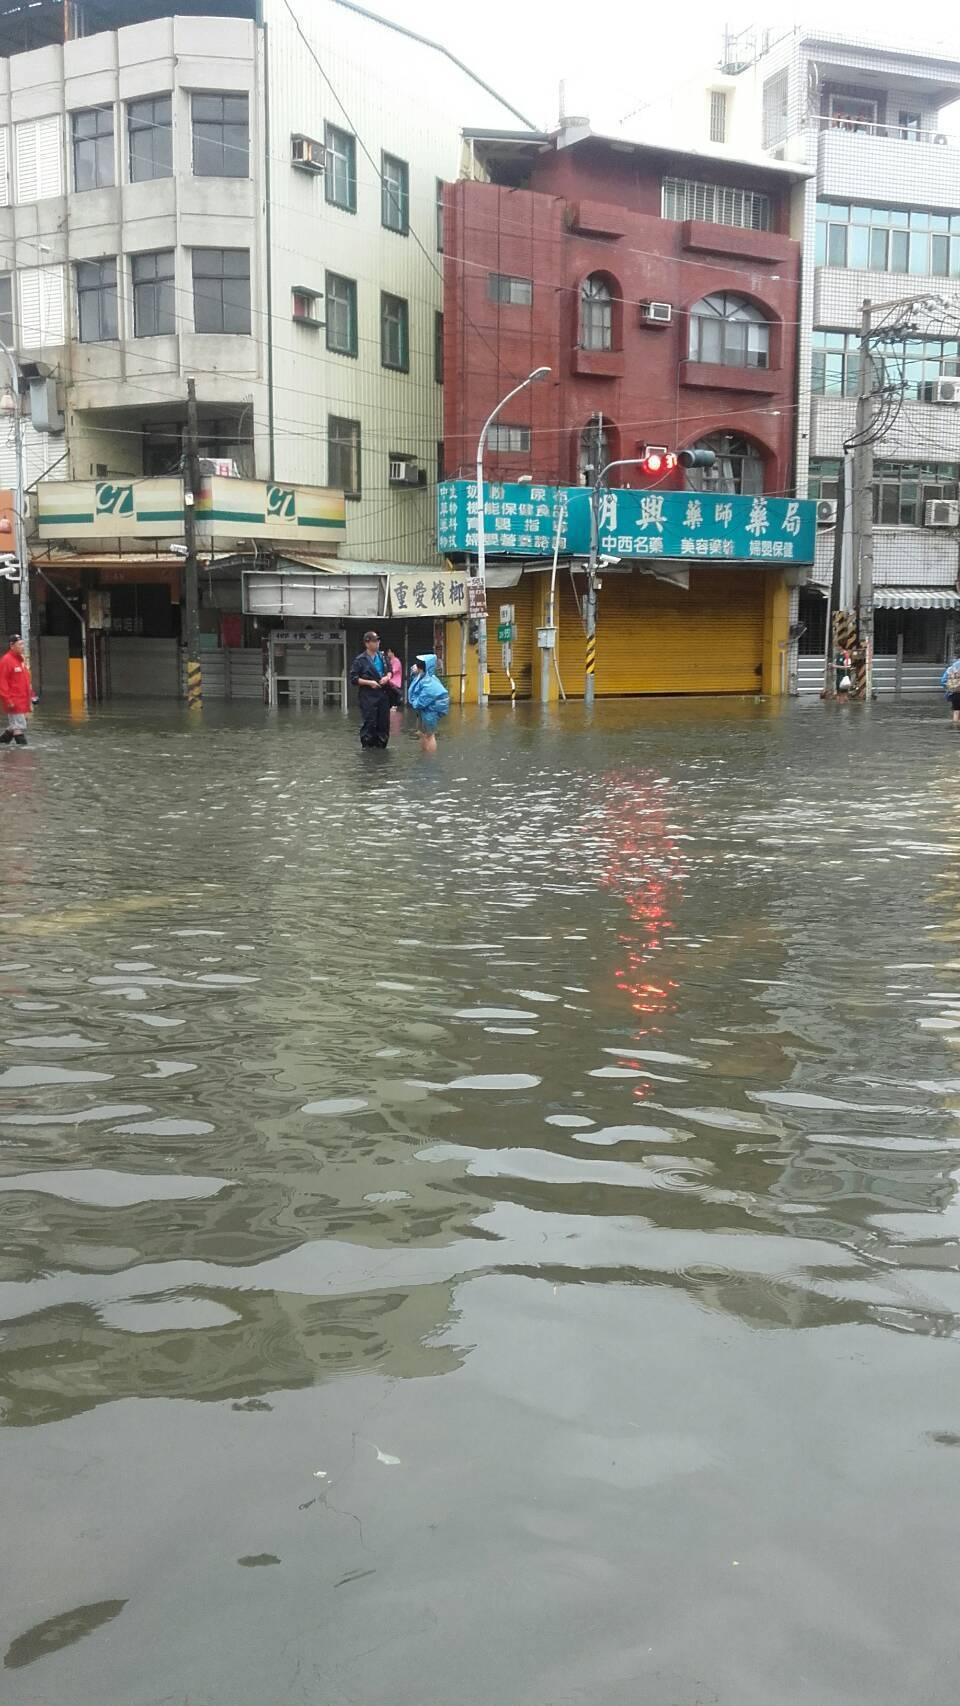 海棠颱風連夜帶來豪雨,林邊鄉低窪地區水深及膝,鄉民一早涉水通過。 記者蔣繼平/翻攝